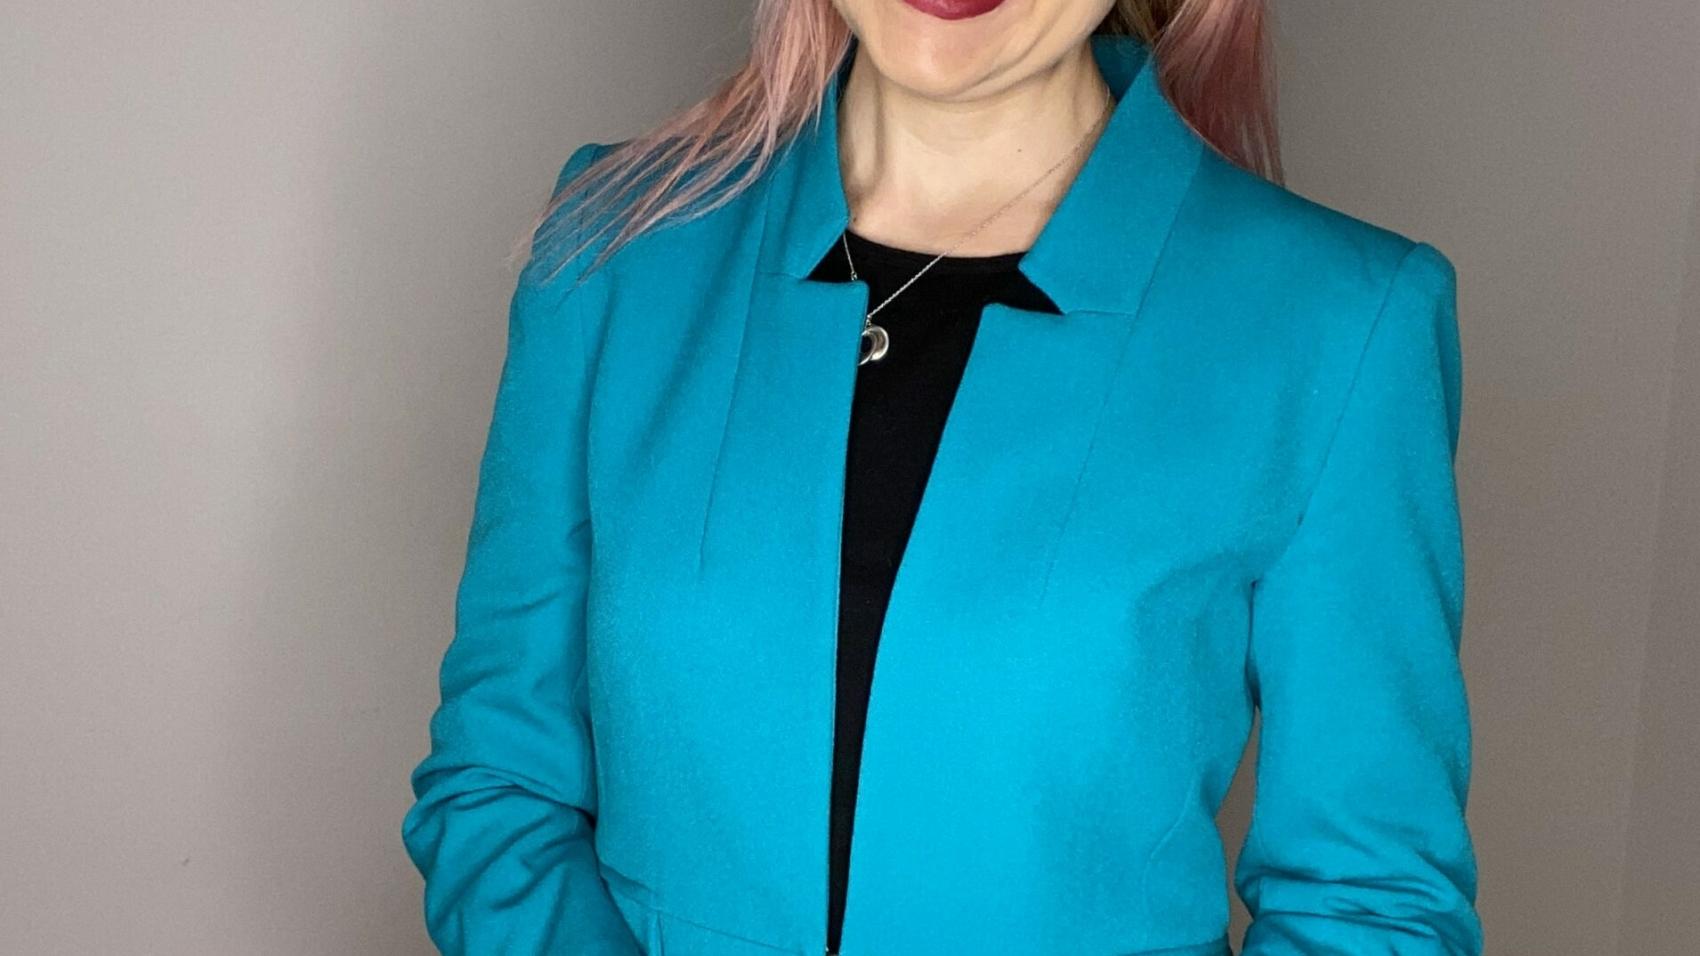 Fabiana Andreani Fabiana Manager Career Tips